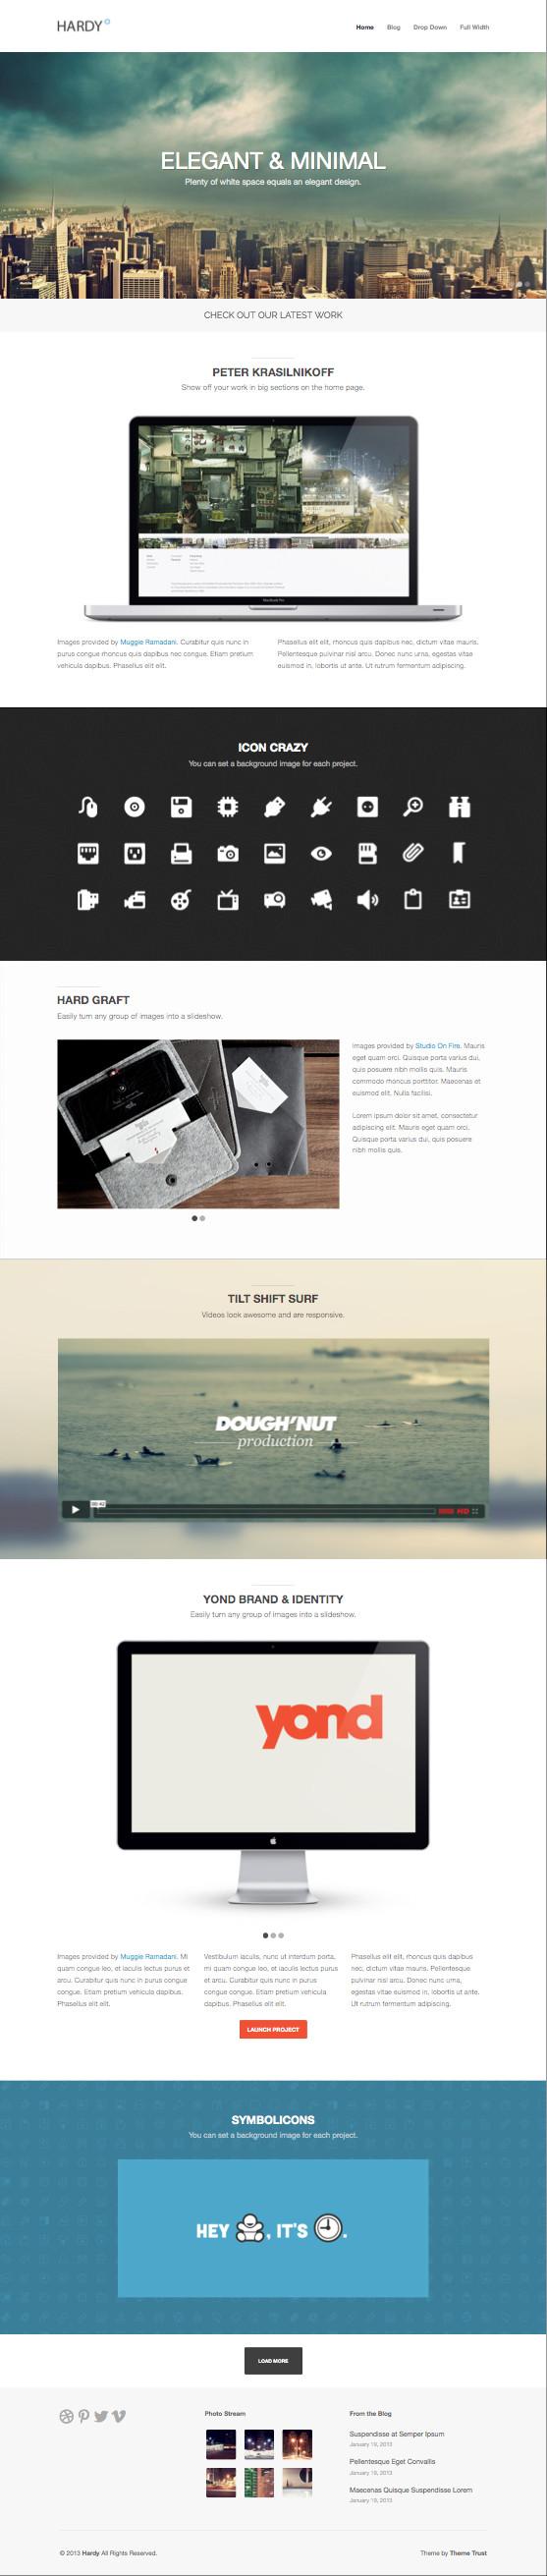 Hardy WordPress Ajax Portfolio Theme